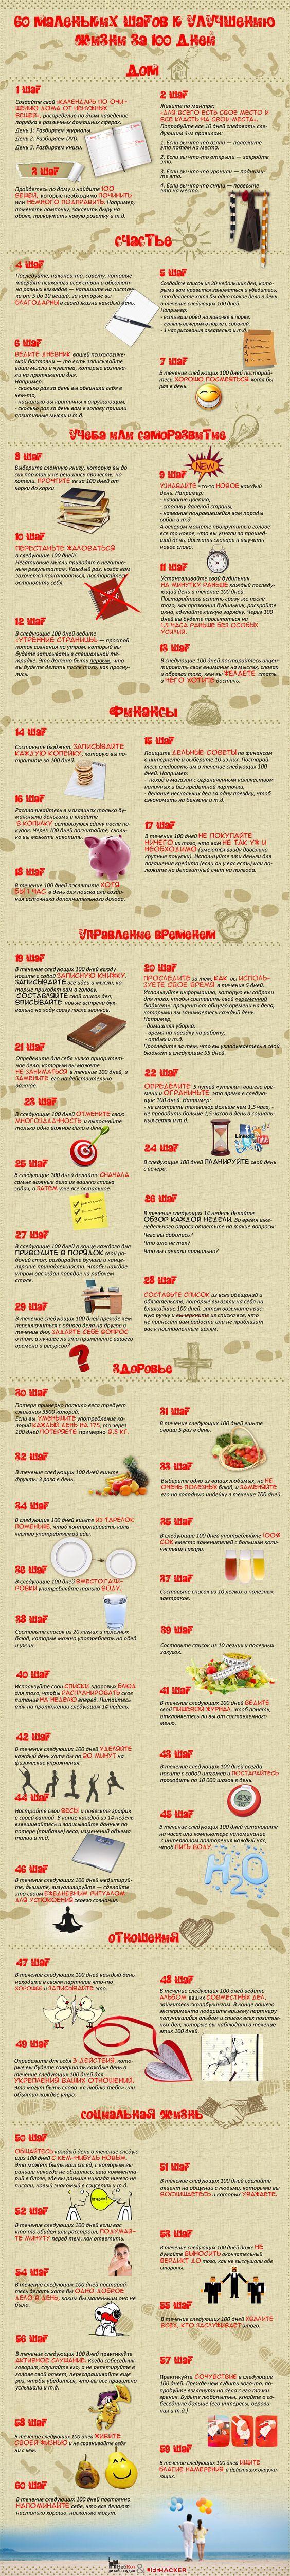 ИНФОГРАФИКА: 60 маленьких шагов к улучшению жизни за 100 дней